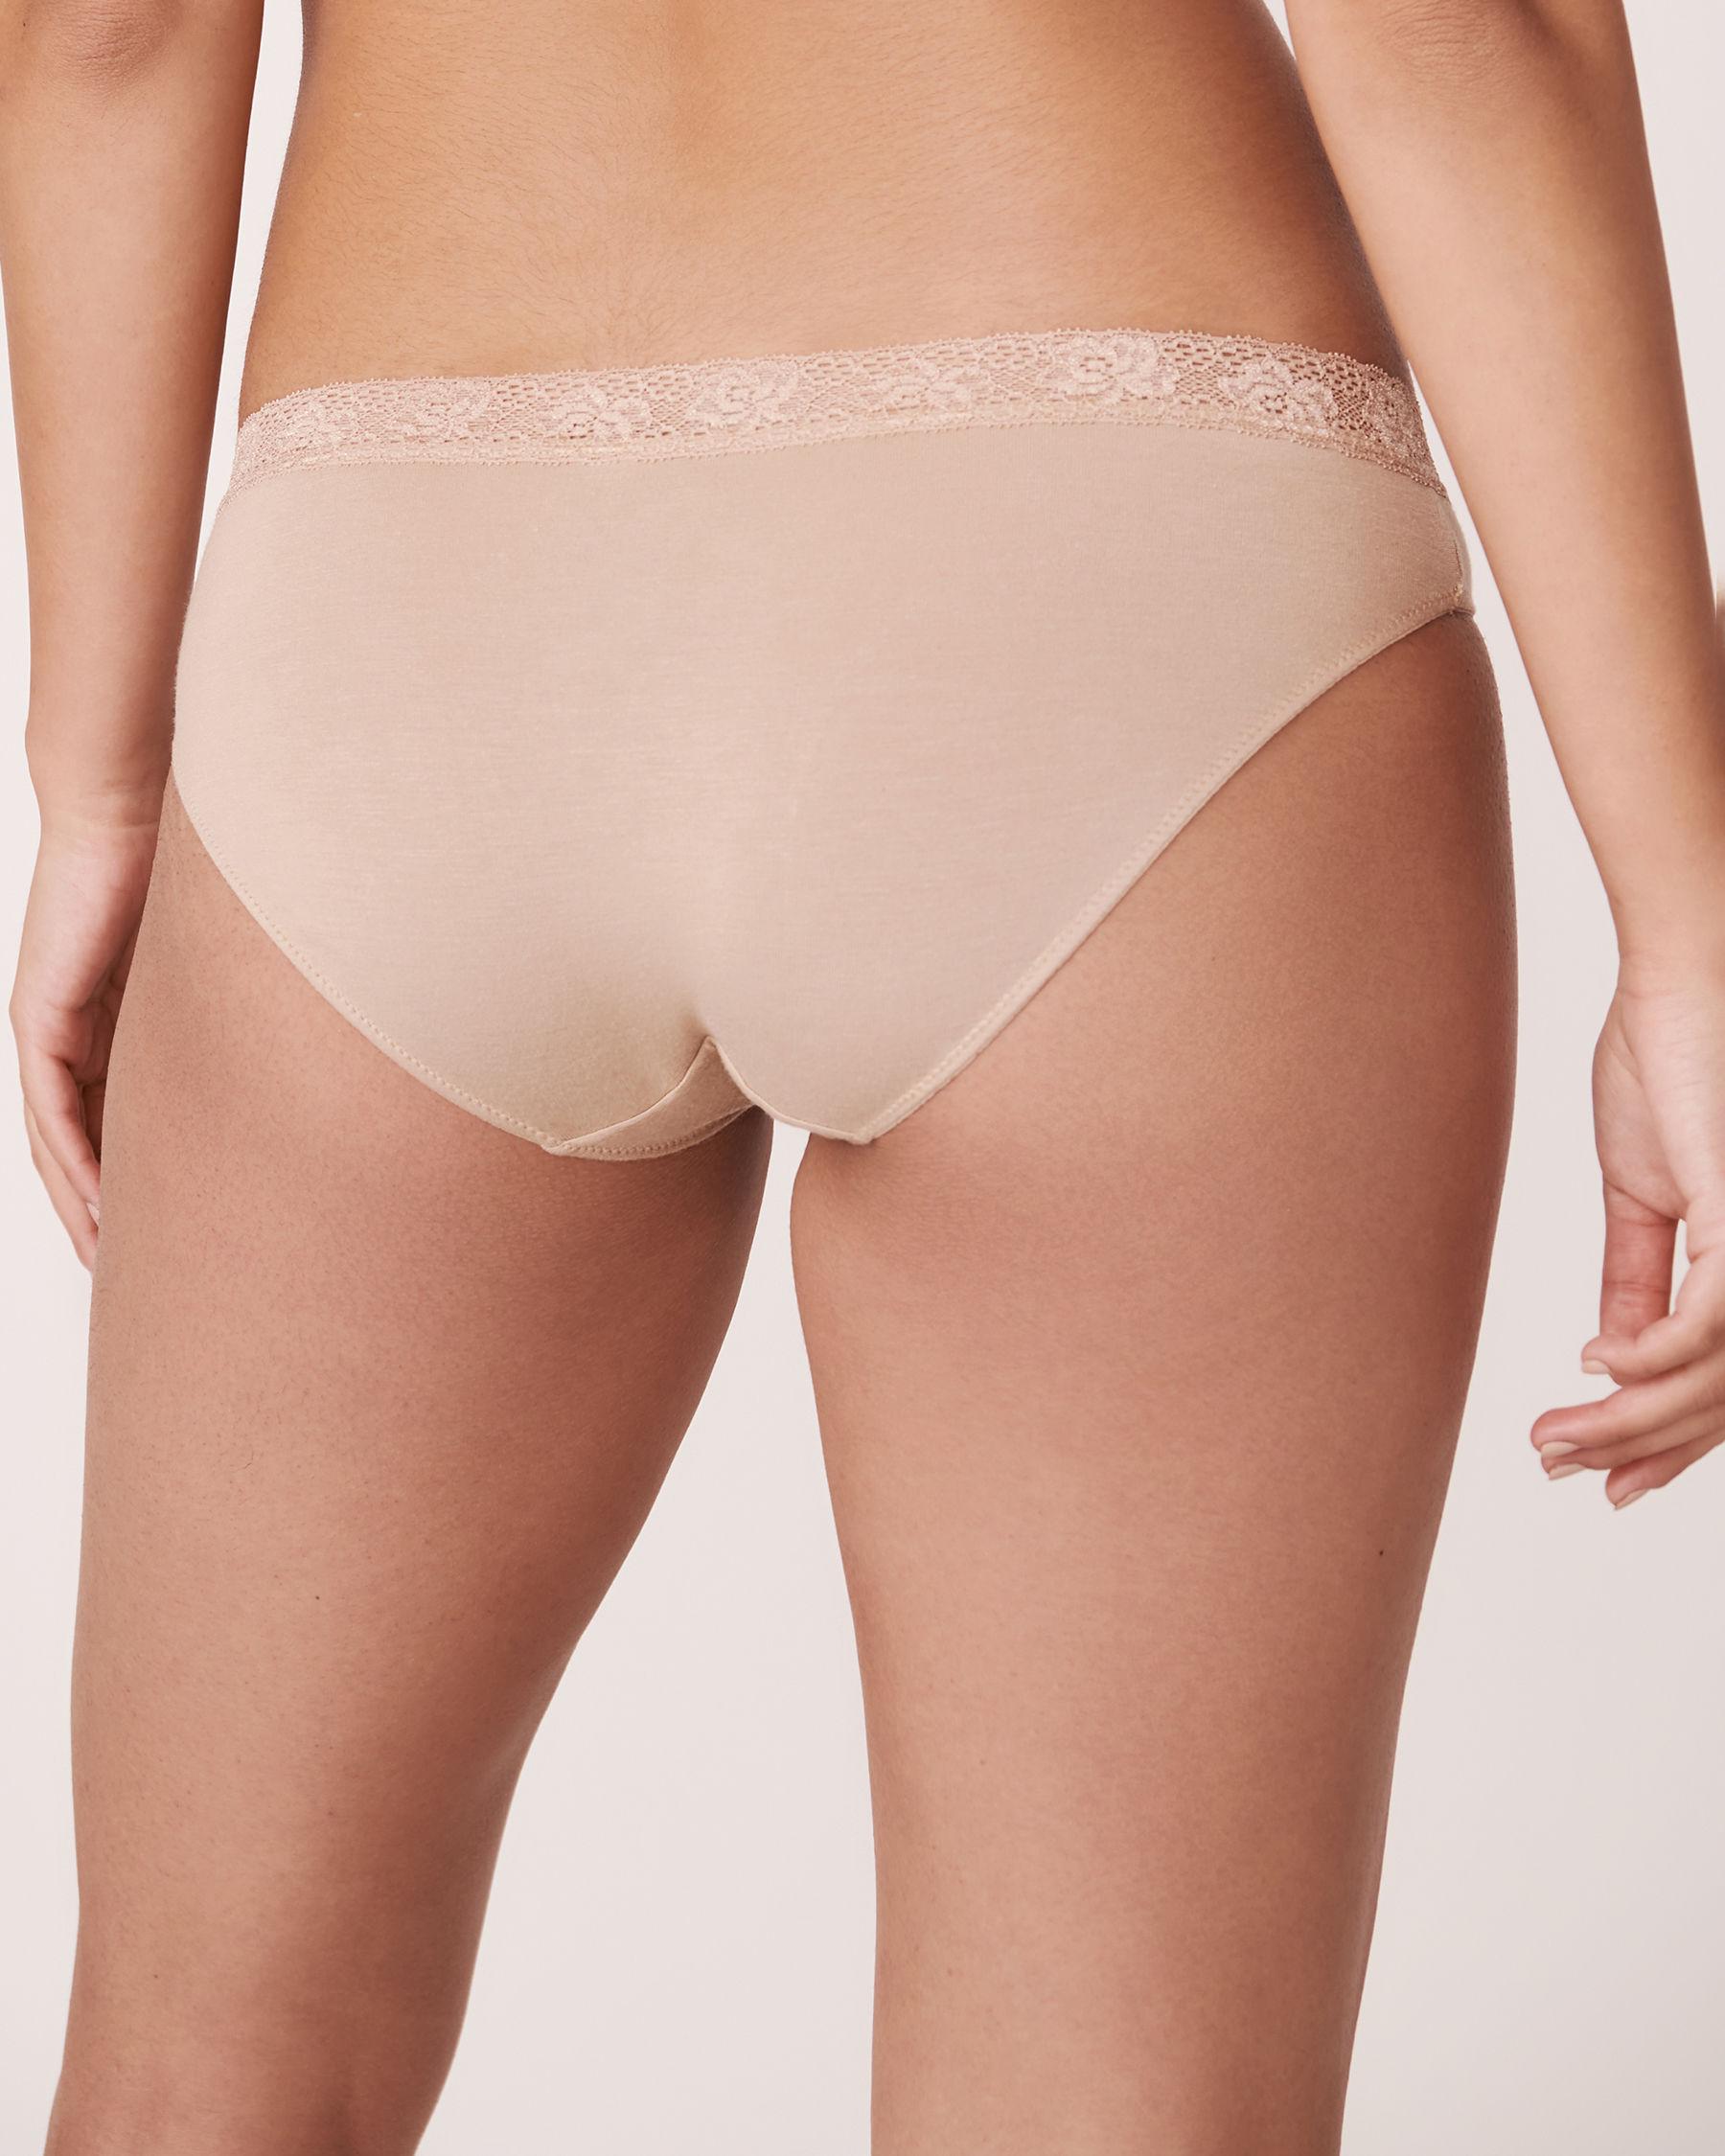 LA VIE EN ROSE Bikini Panty Neutral 845-212-0-00 - View2